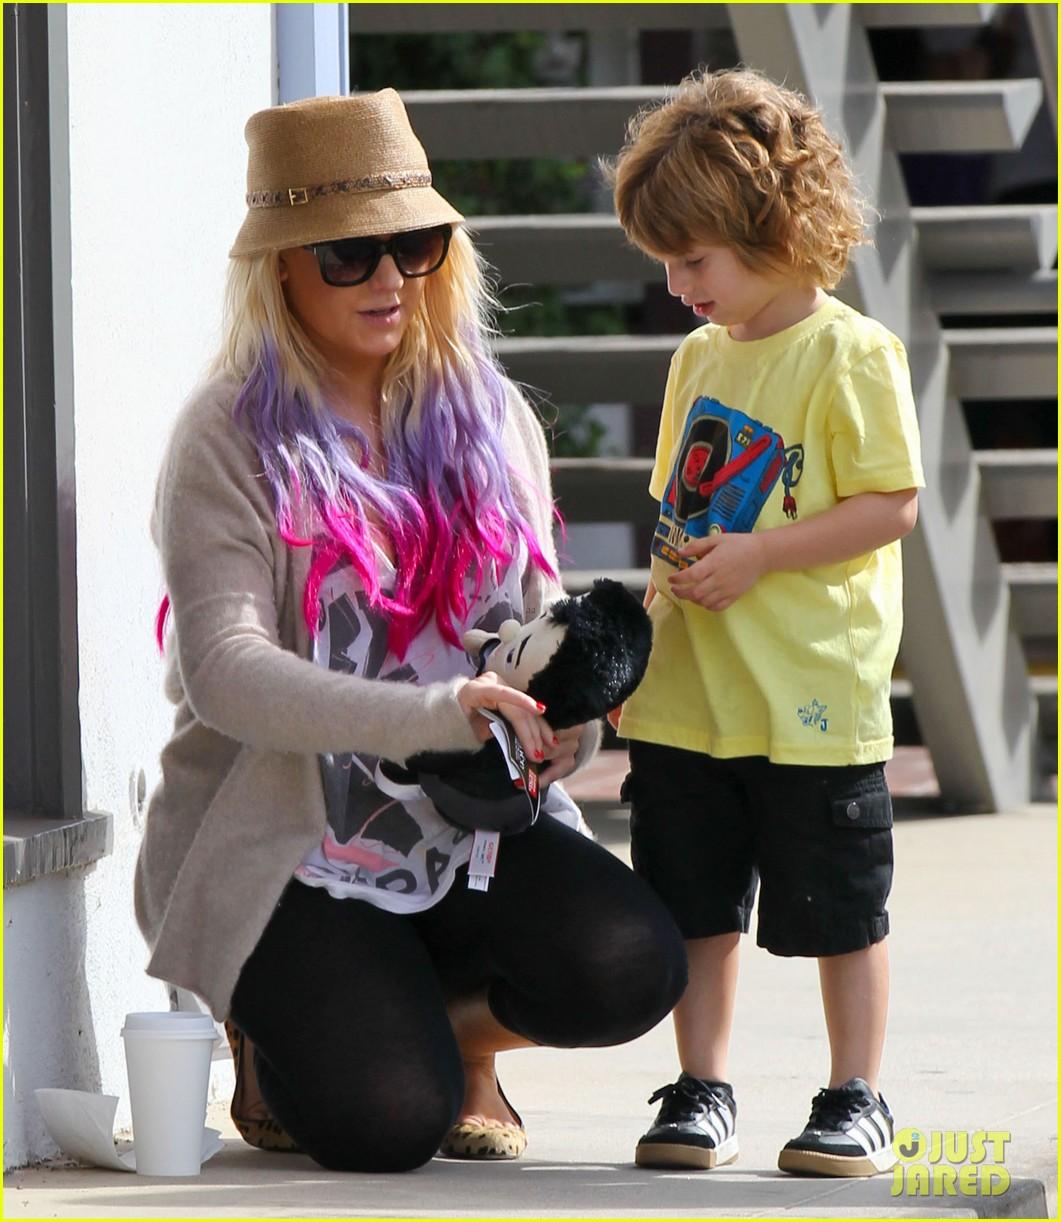 [Fotos] Christina Aguilera y Matthew Rutler: De compras con Max! (Sabado 6 octubre) Christina-aguilera-matthew-rutler-shopping-with-max-10